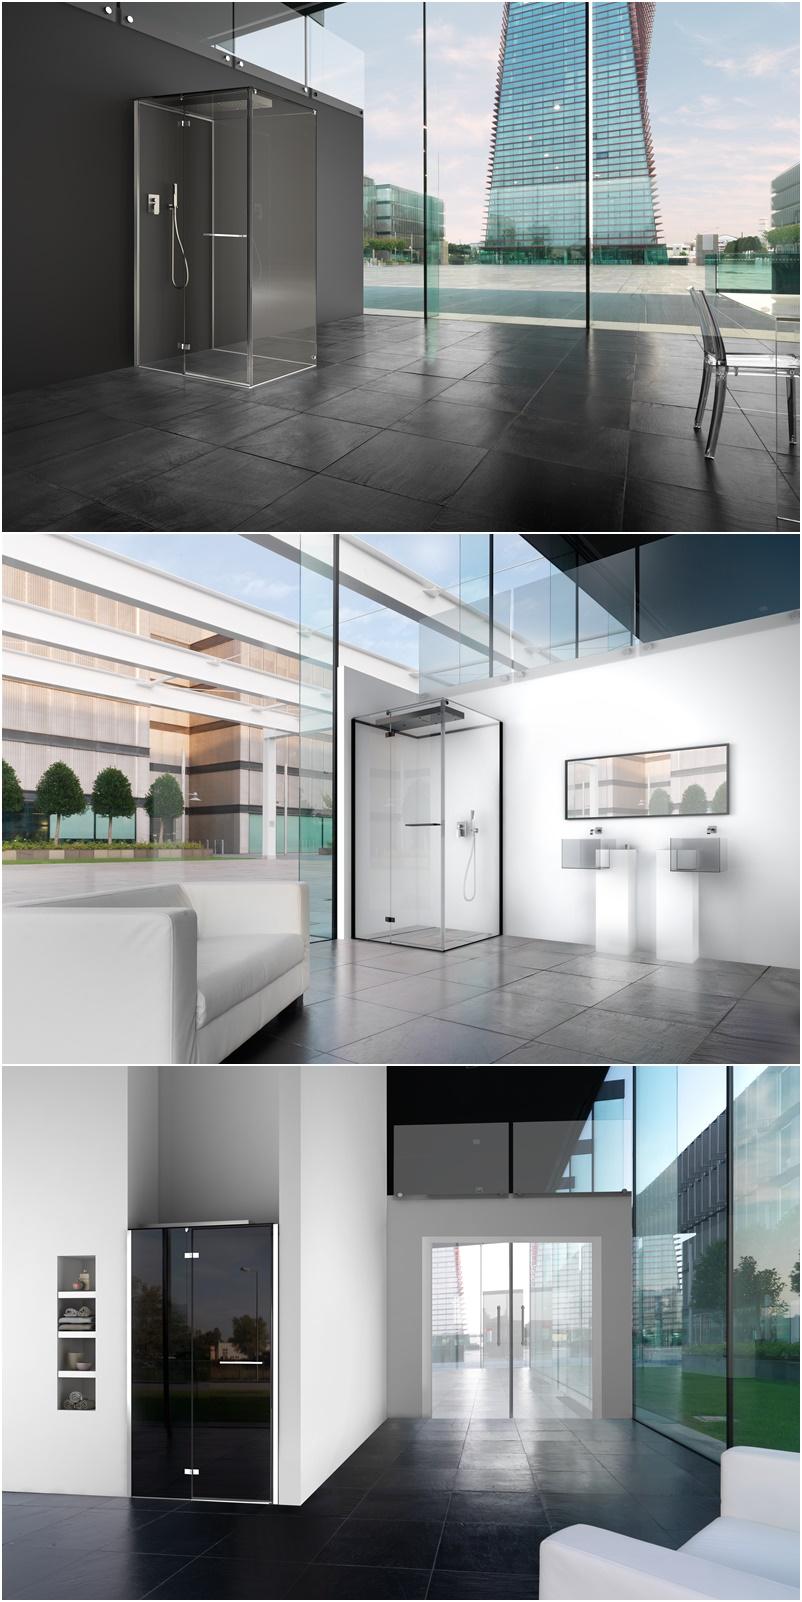 Cabina doccia Invisible by Megius   Versione Nude con solo soffione integrato nel tetto - anticipazioni Salone del Bagno 2018